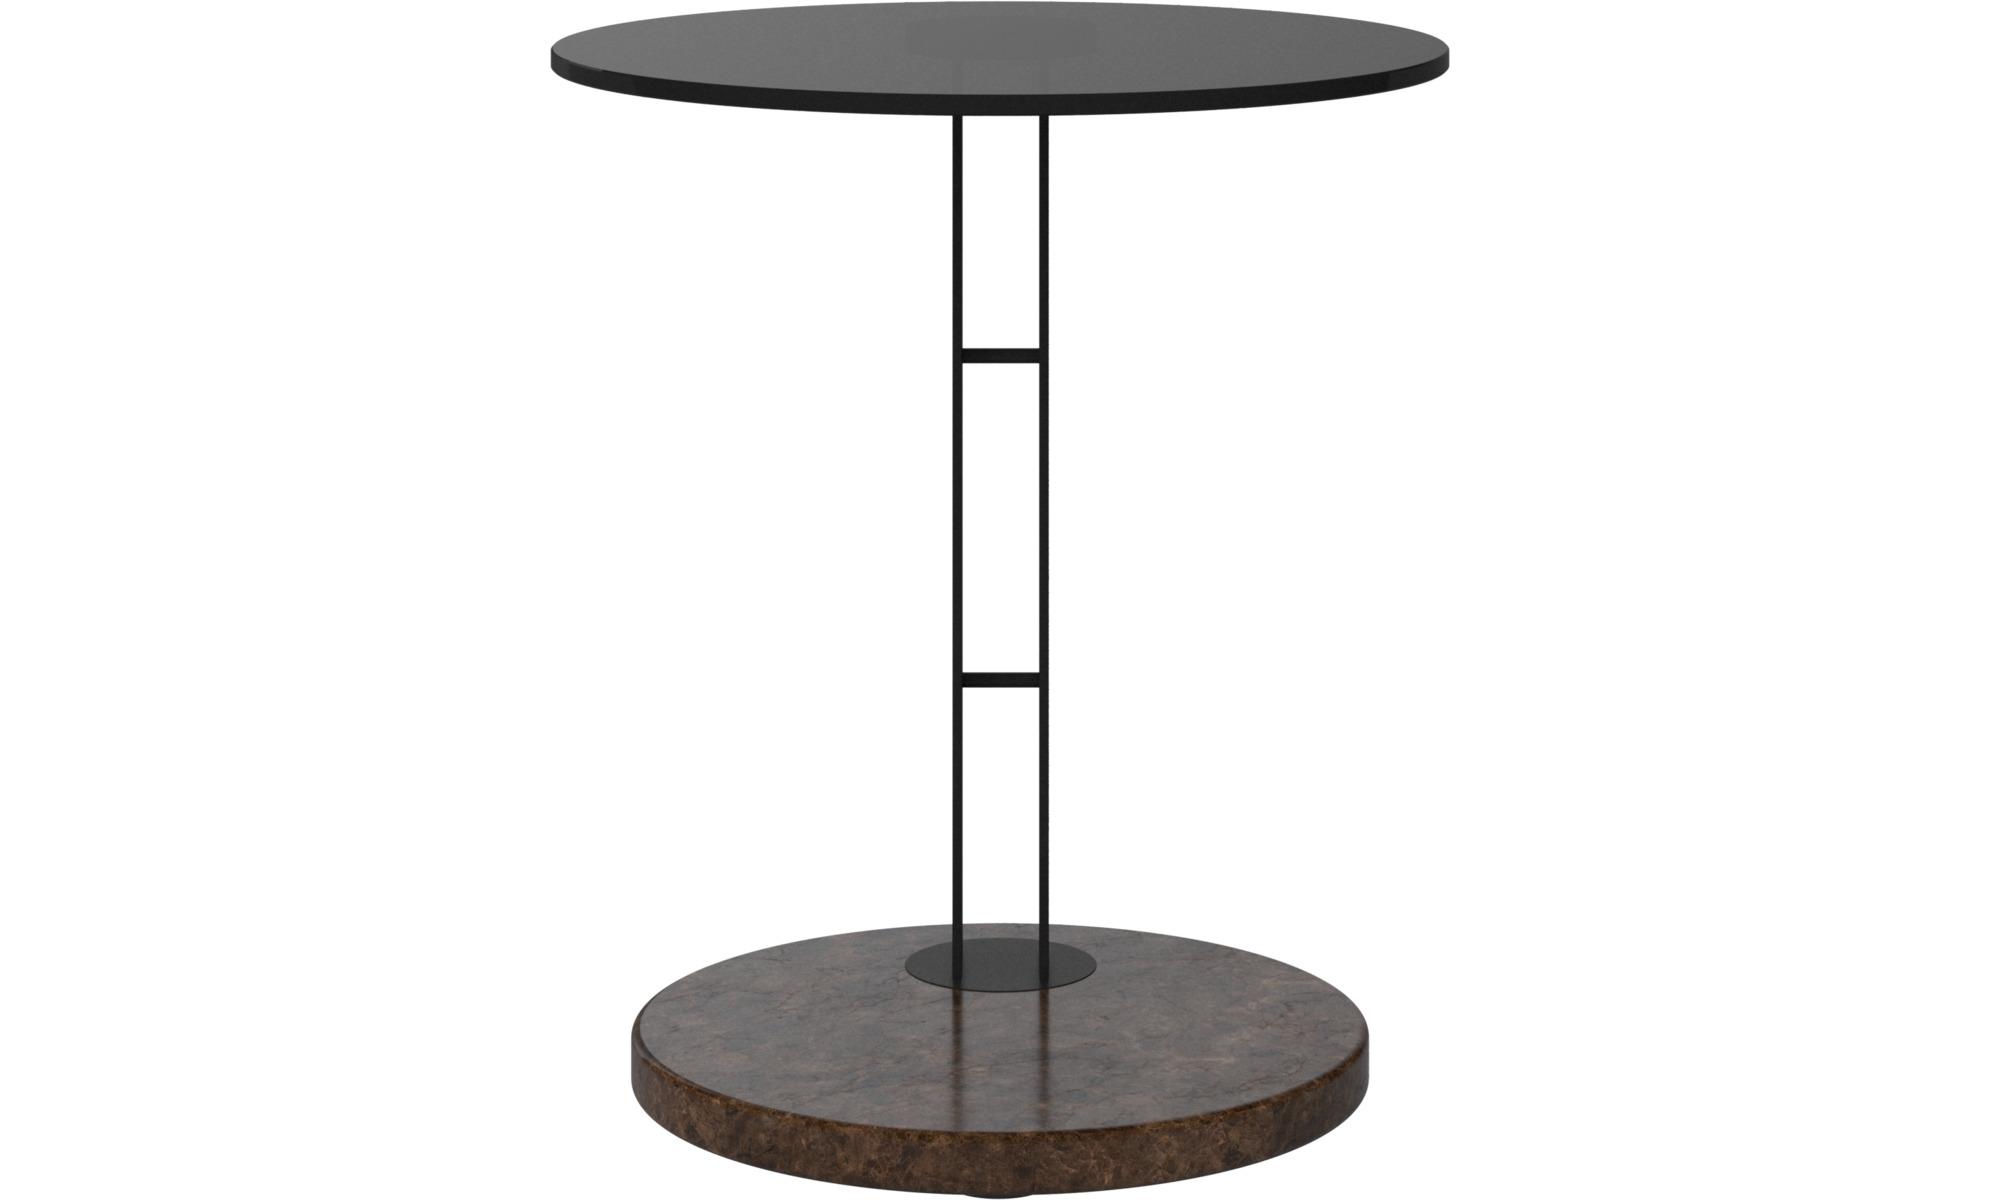 Petits meubles - Table d'appoint Venezia - rotonde - Marron - Verre